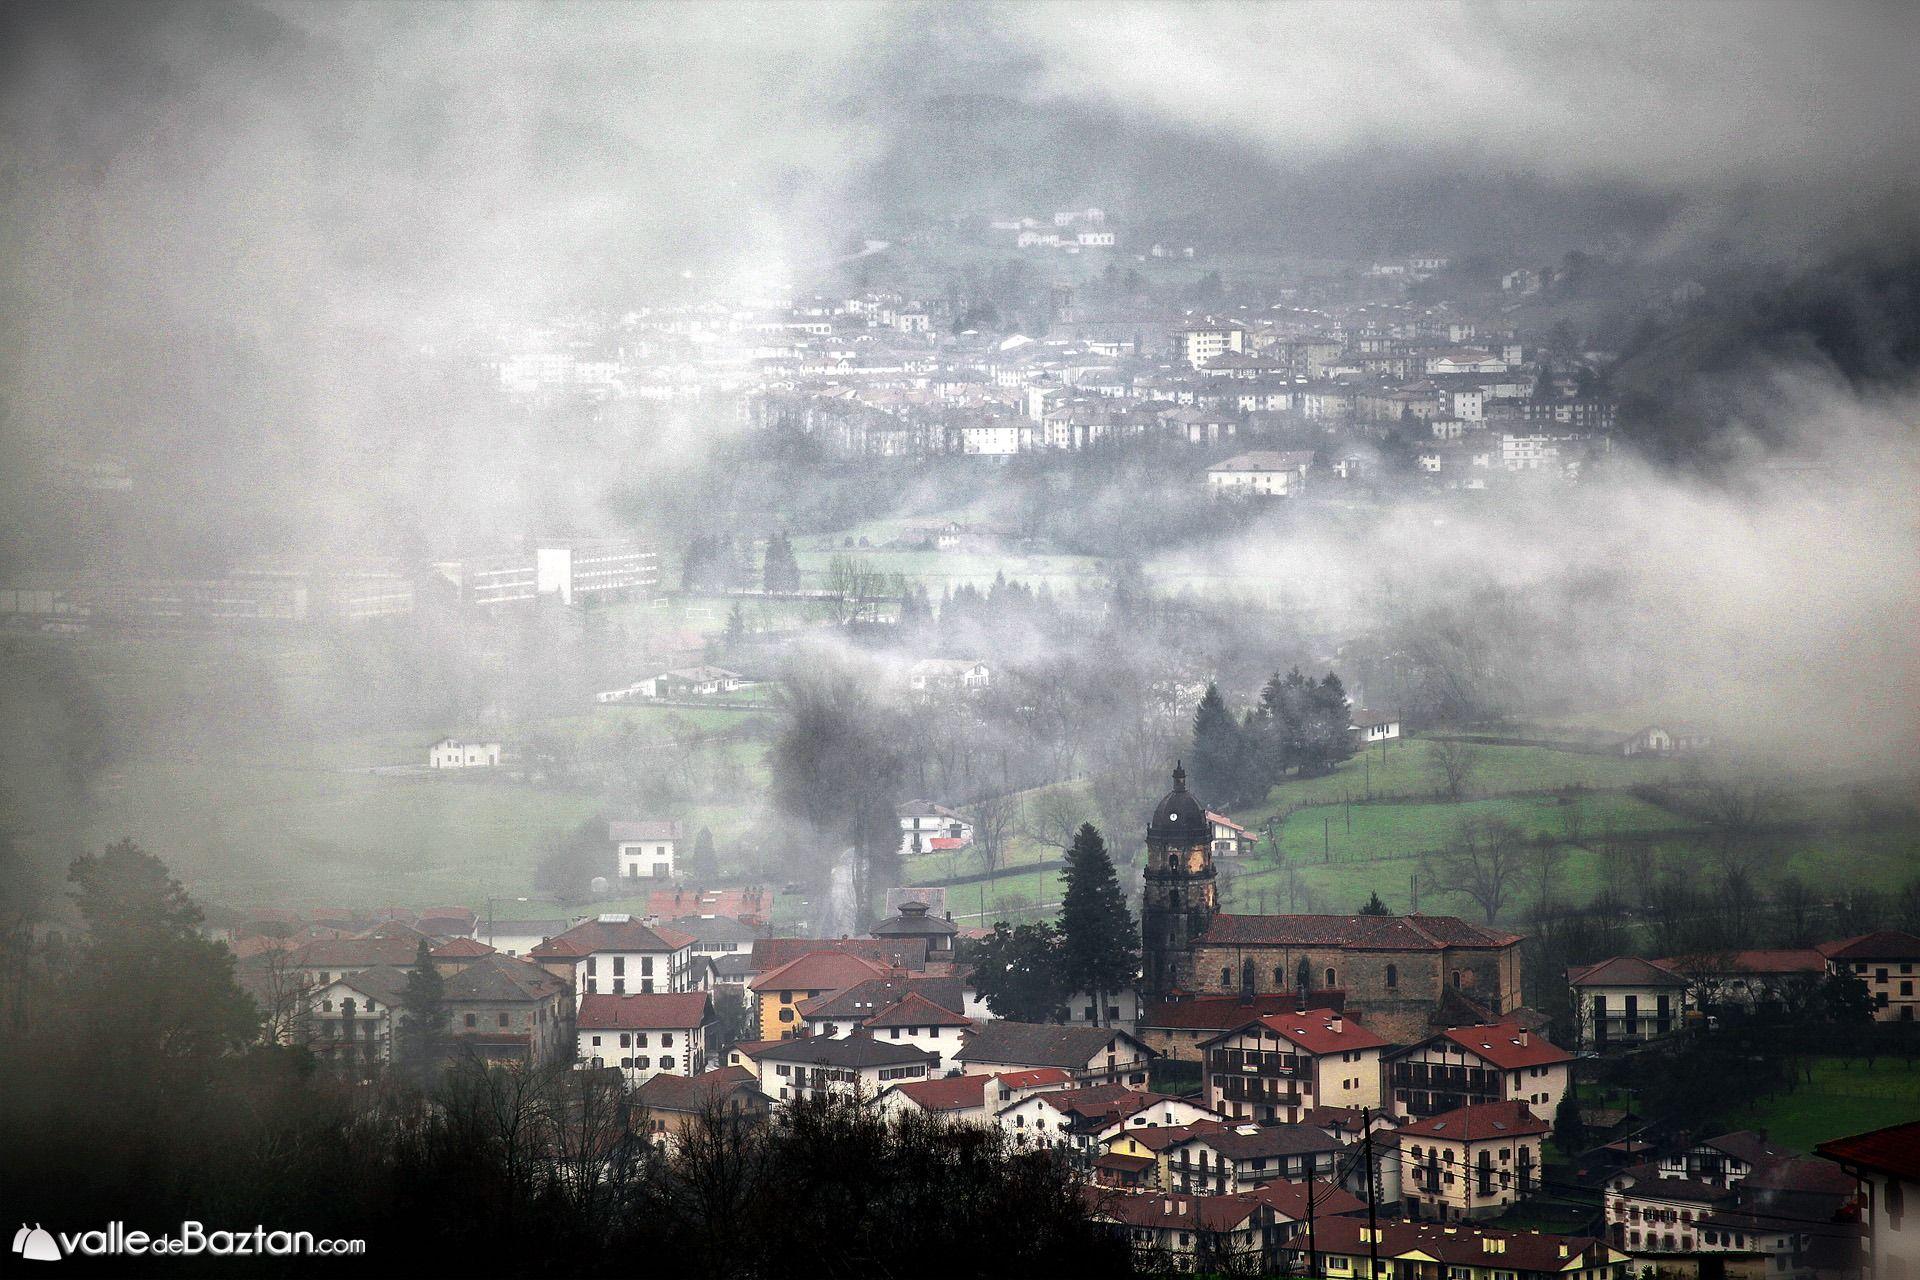 2014-02-01 Irurita eta Elizondo lainopian gaur.---Irurita en primer término y Elizondo detrás, envueltos en niebla.